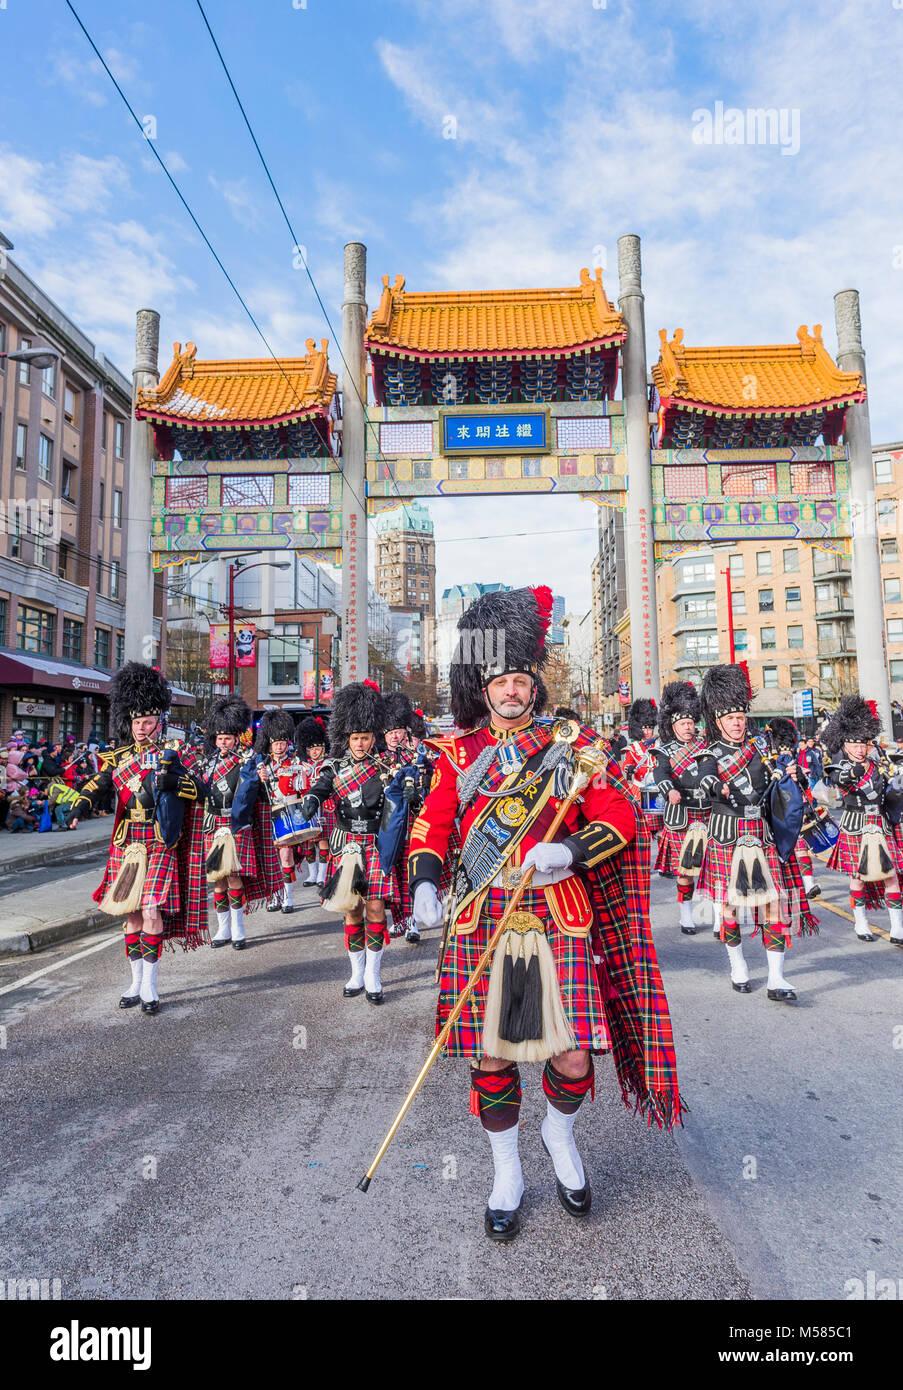 La polizia di Vancouver Pipe Band, nuovo anno lunare cinese Parade, Chinatown, Vancouver, British Columbia, Canada. Immagini Stock